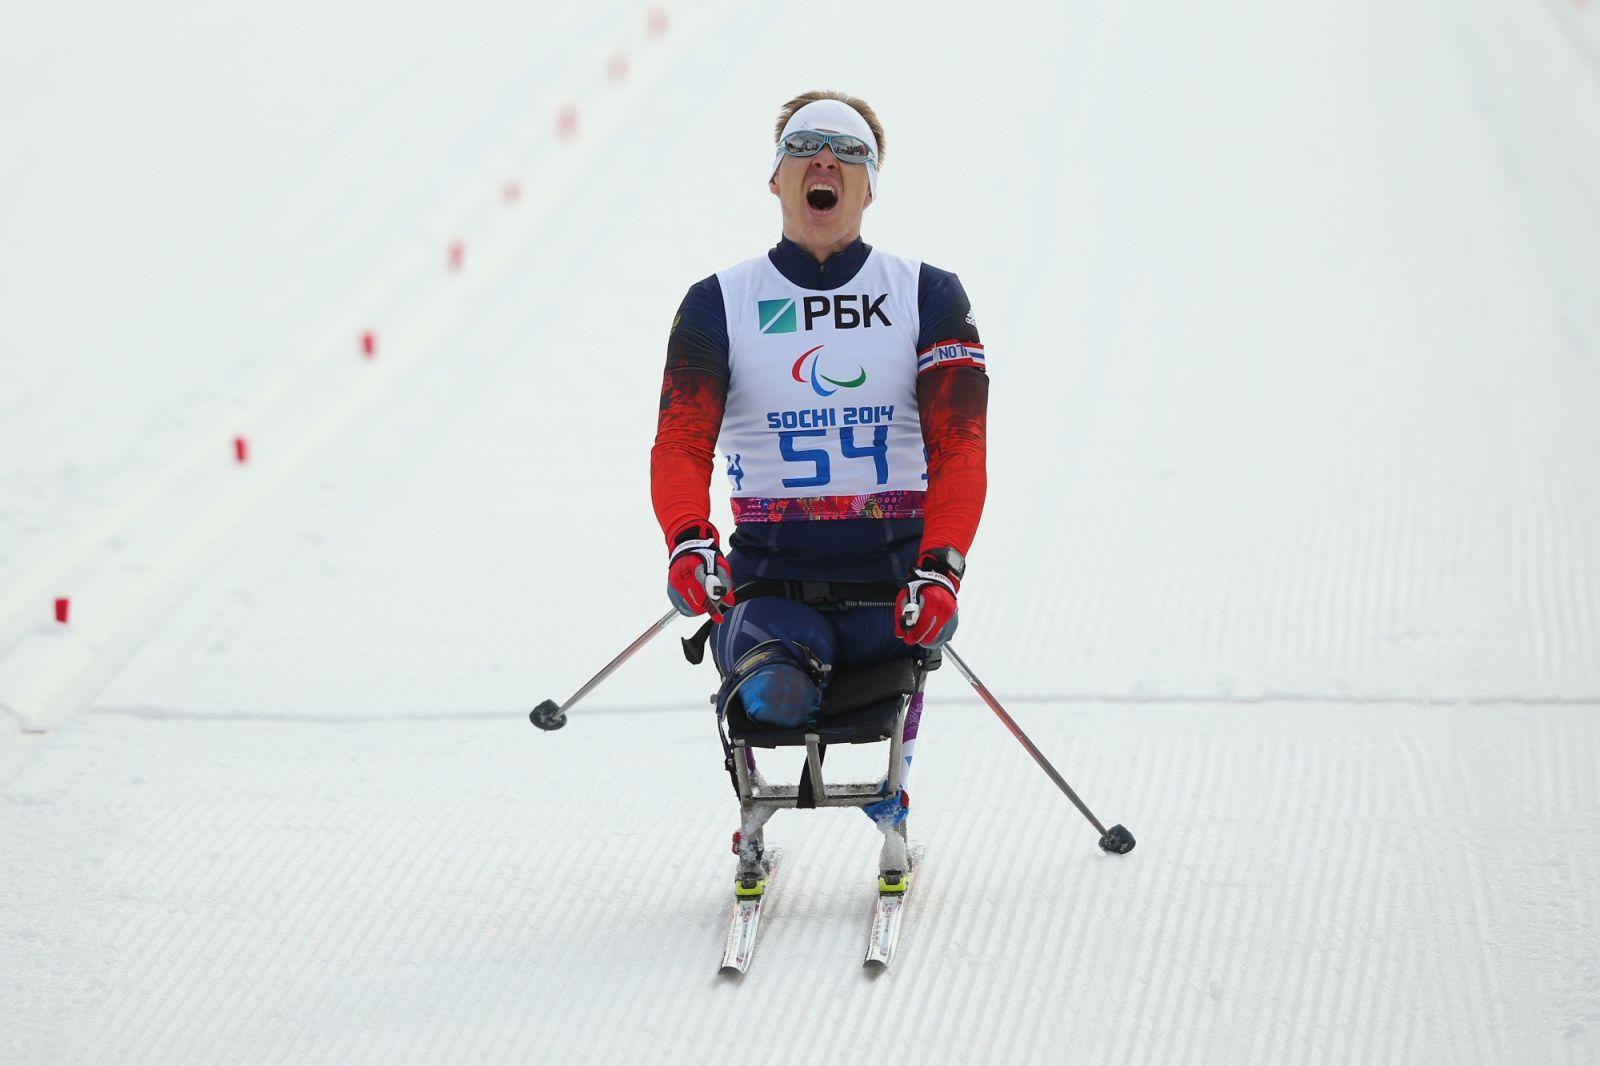 Послы паралимпийского спорта. Алексей Быченок